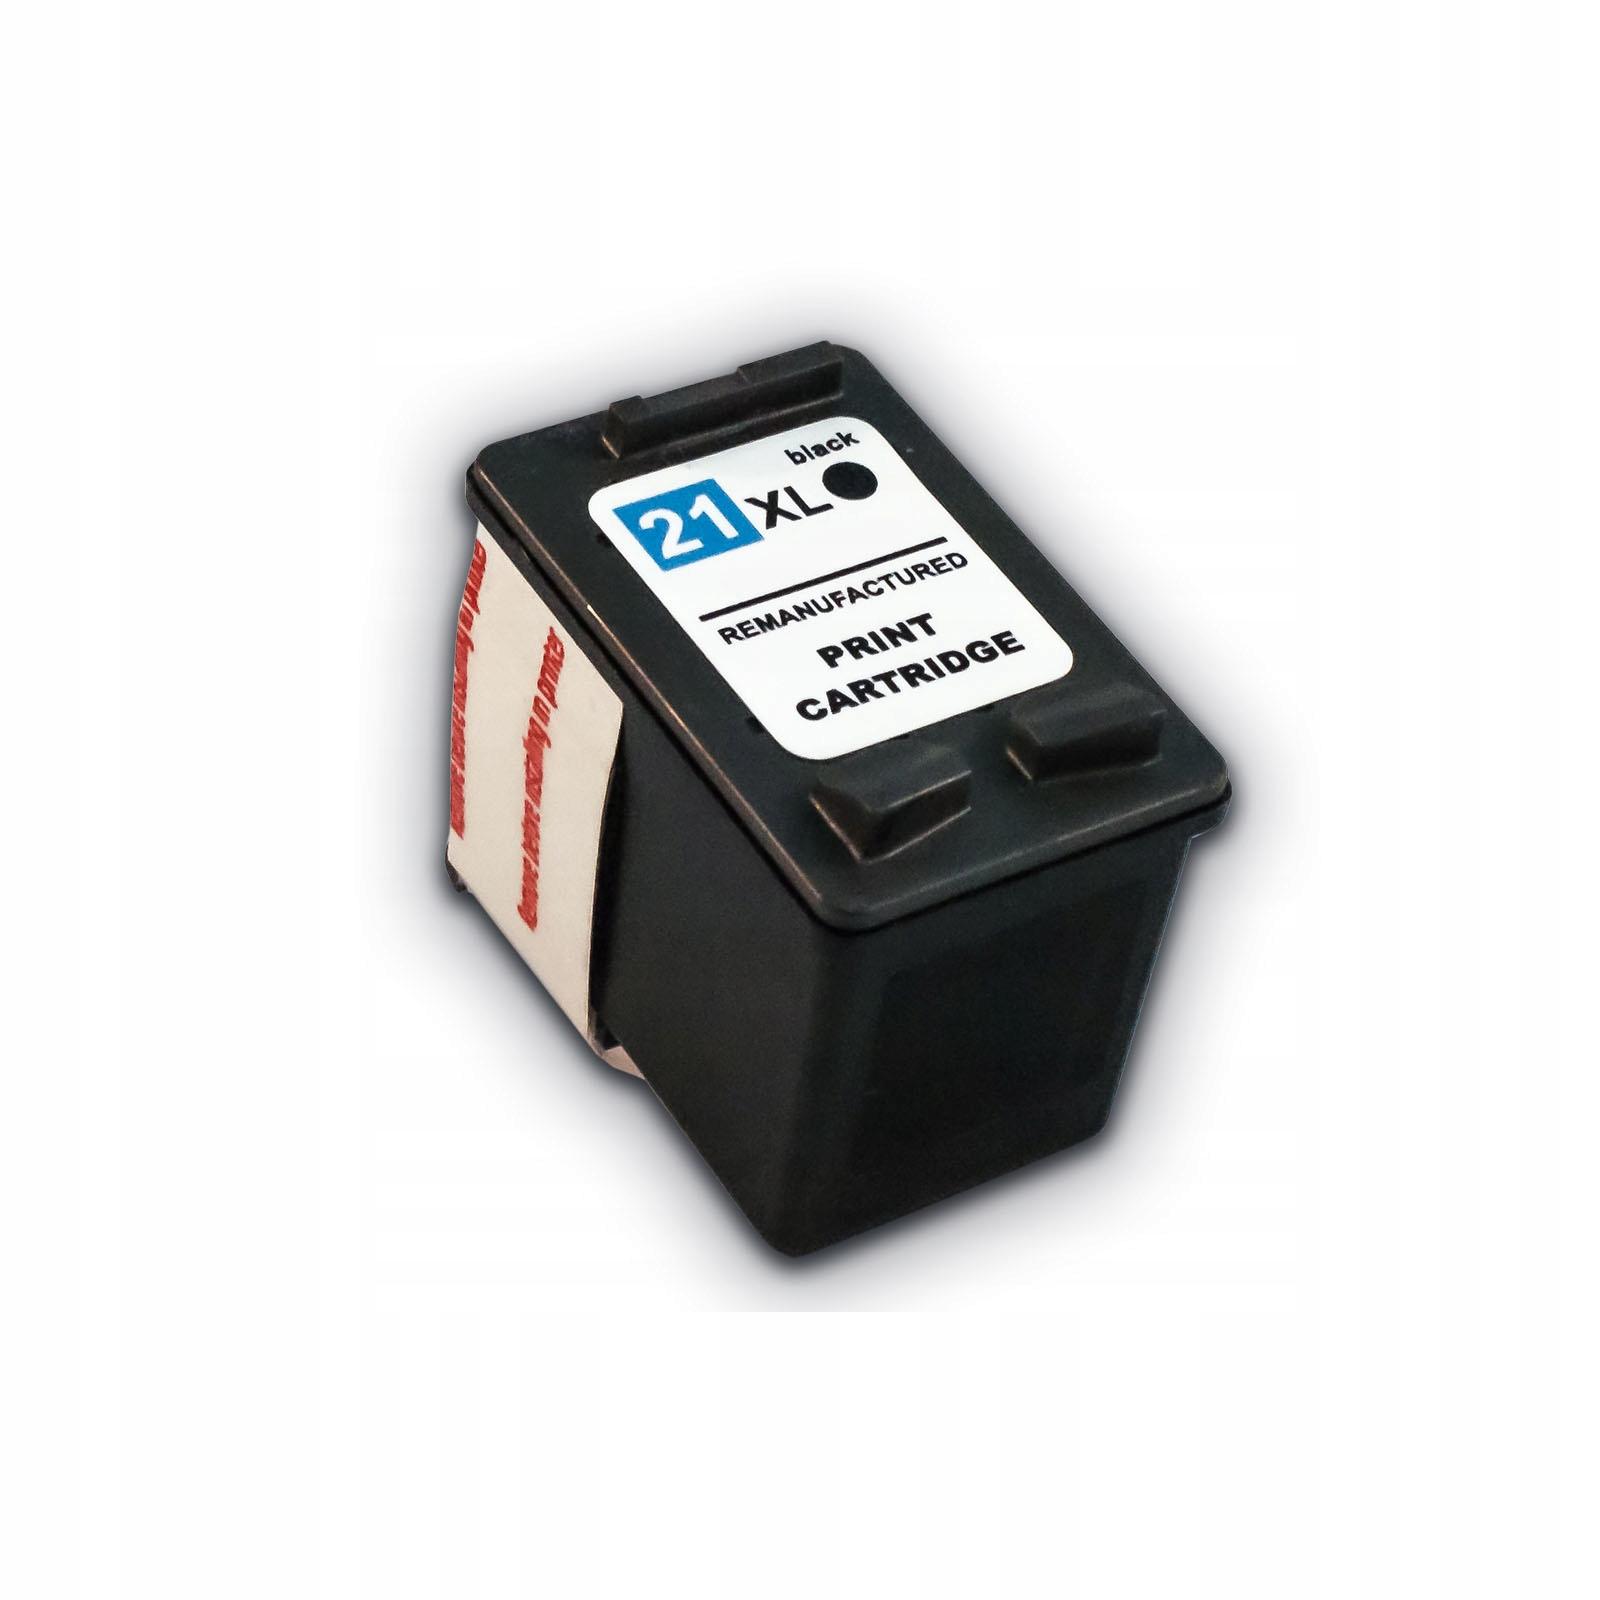 чернила для HP 21 xl F2180 F2280 F4180